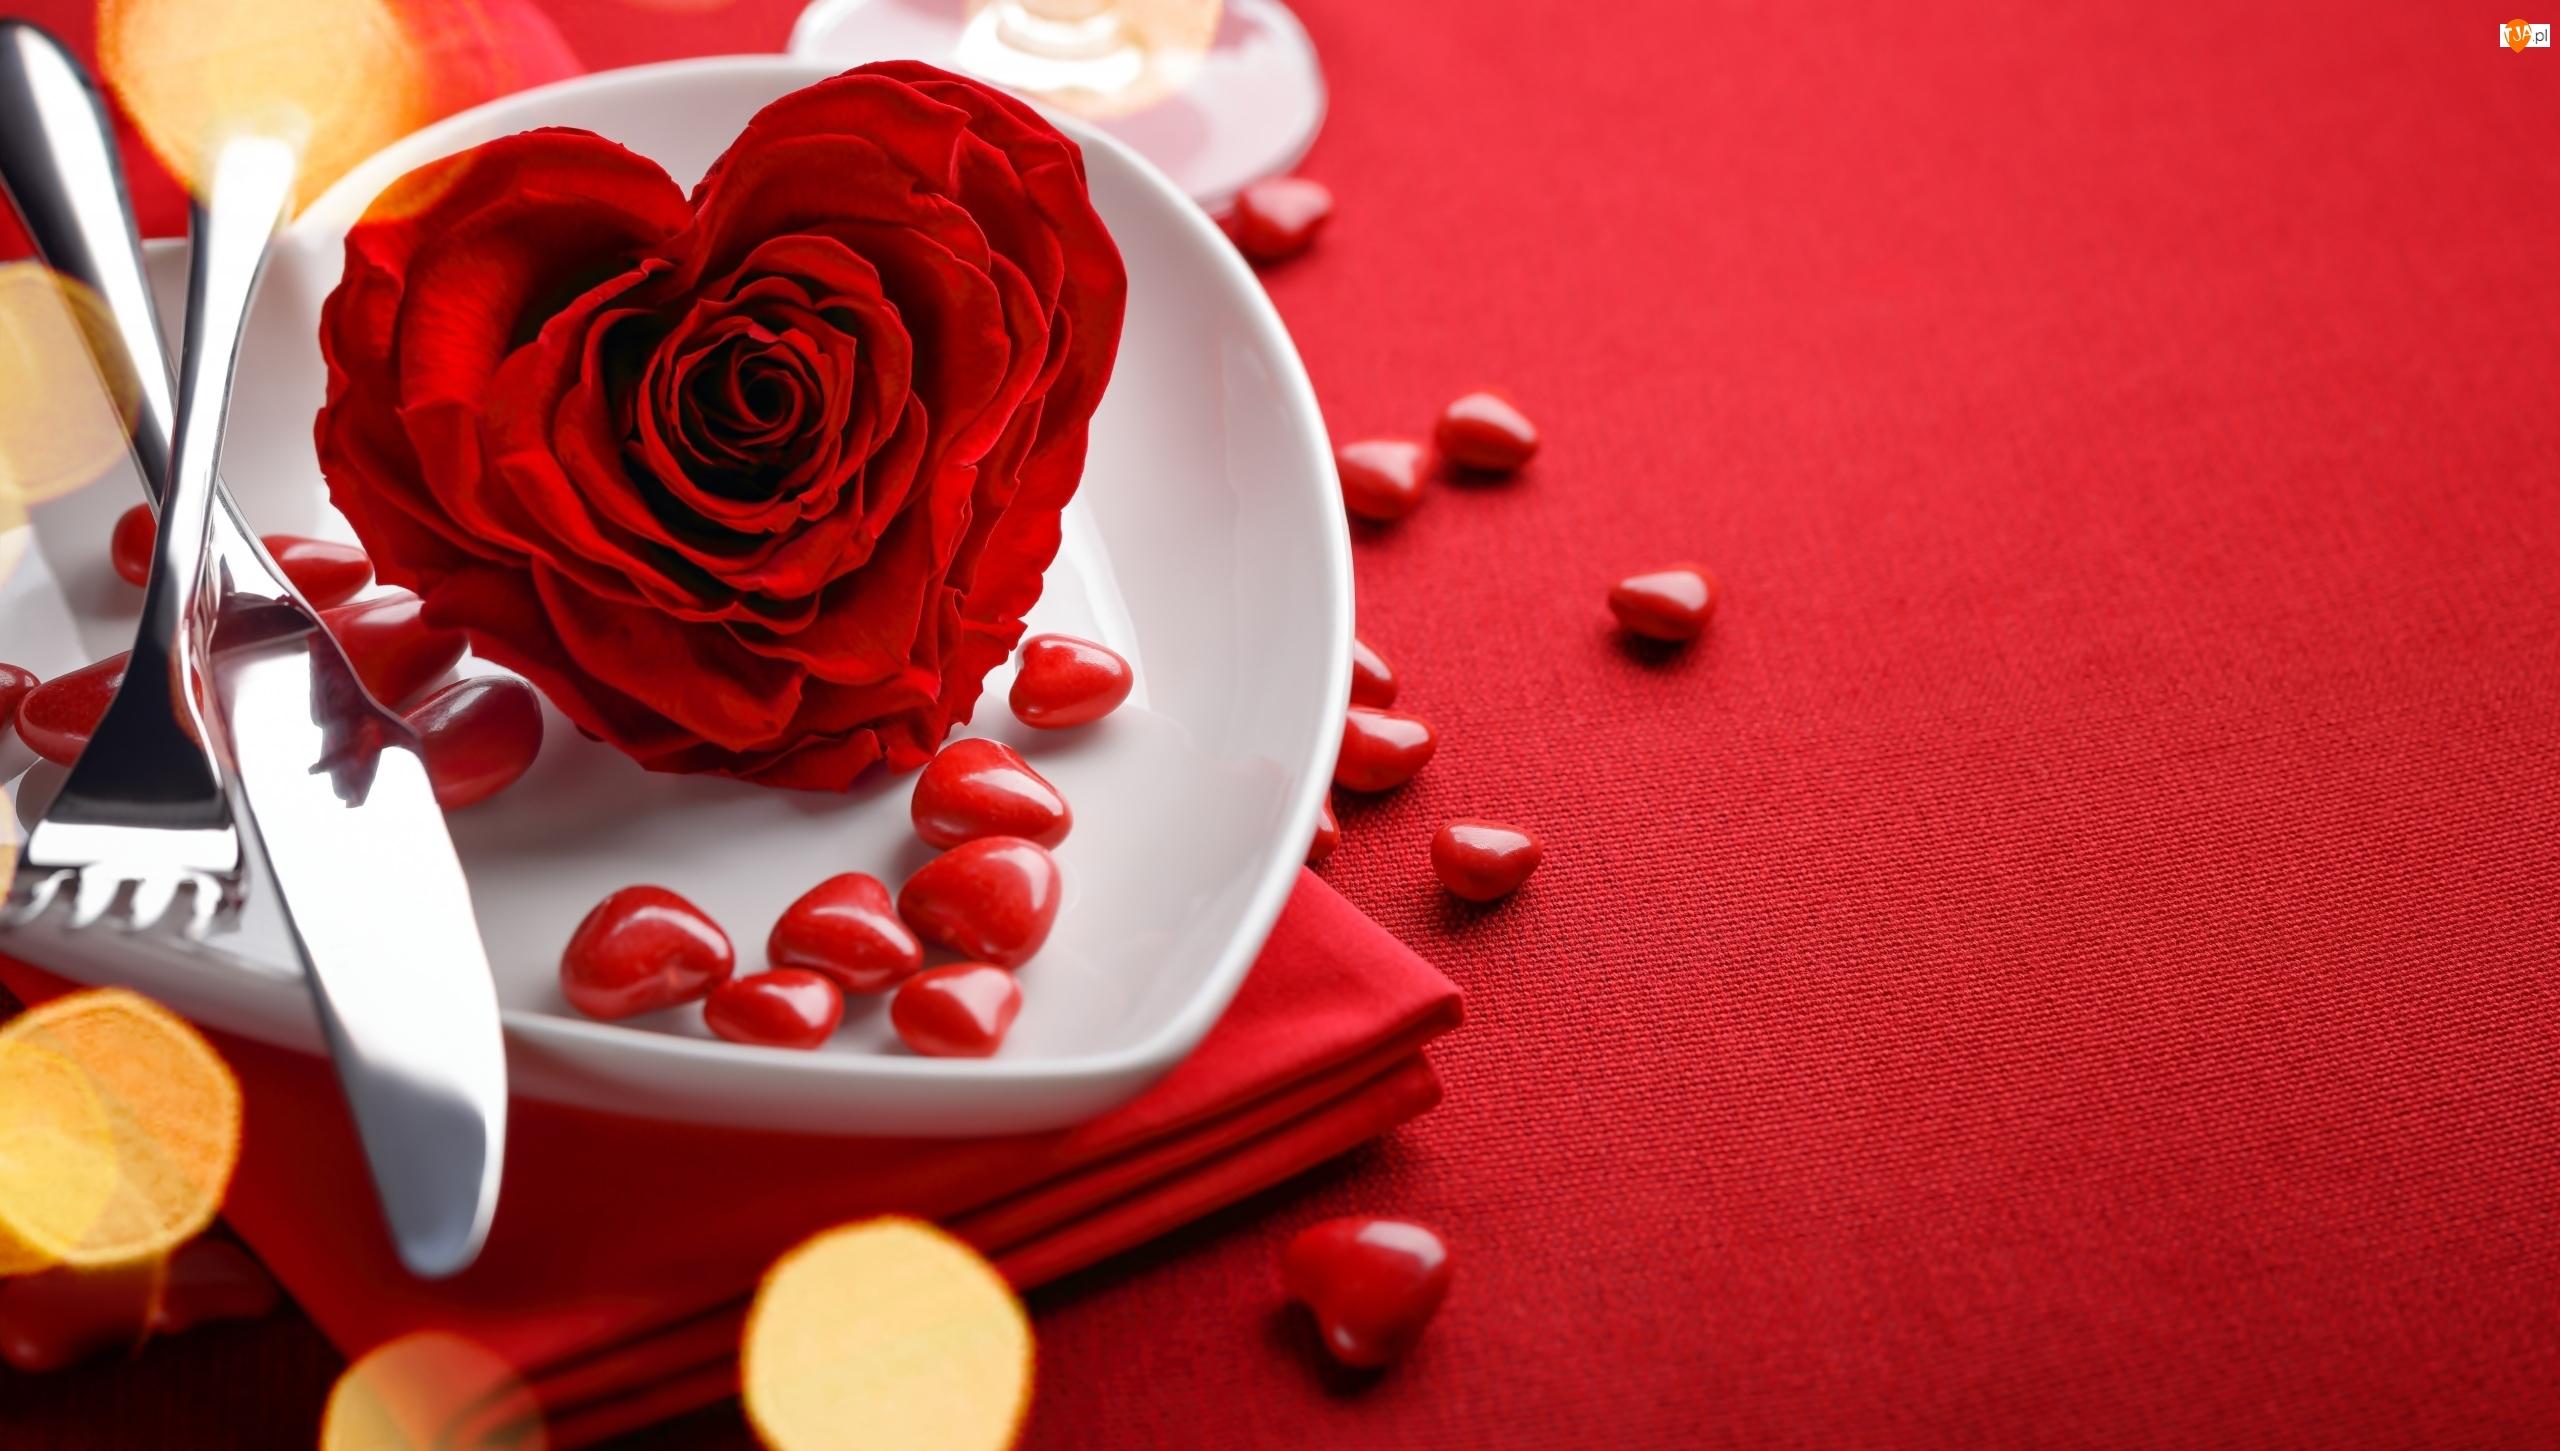 Walentynki, Czerwona, Talerzyk, Róża, Serduszka